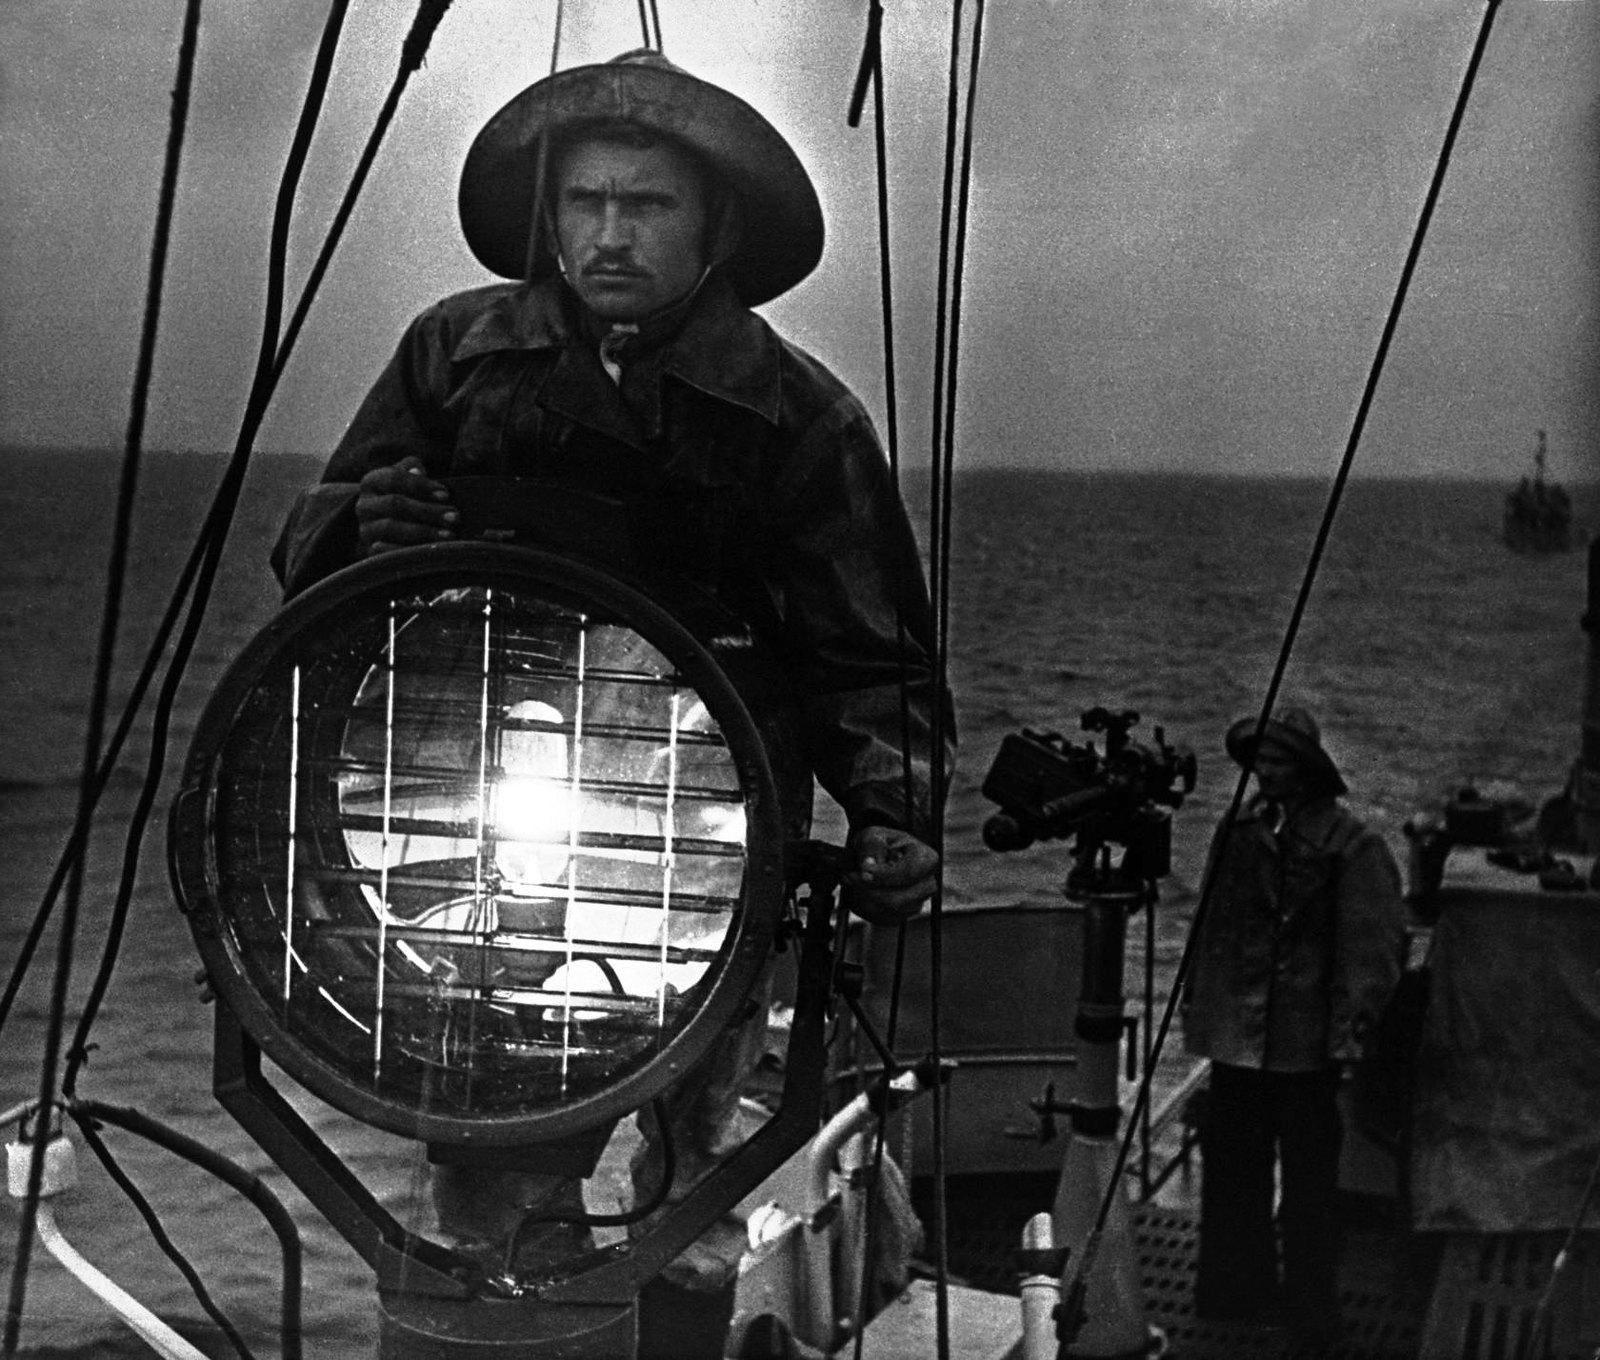 1936. Сигнал. Рыбаки на вахте. Каспий